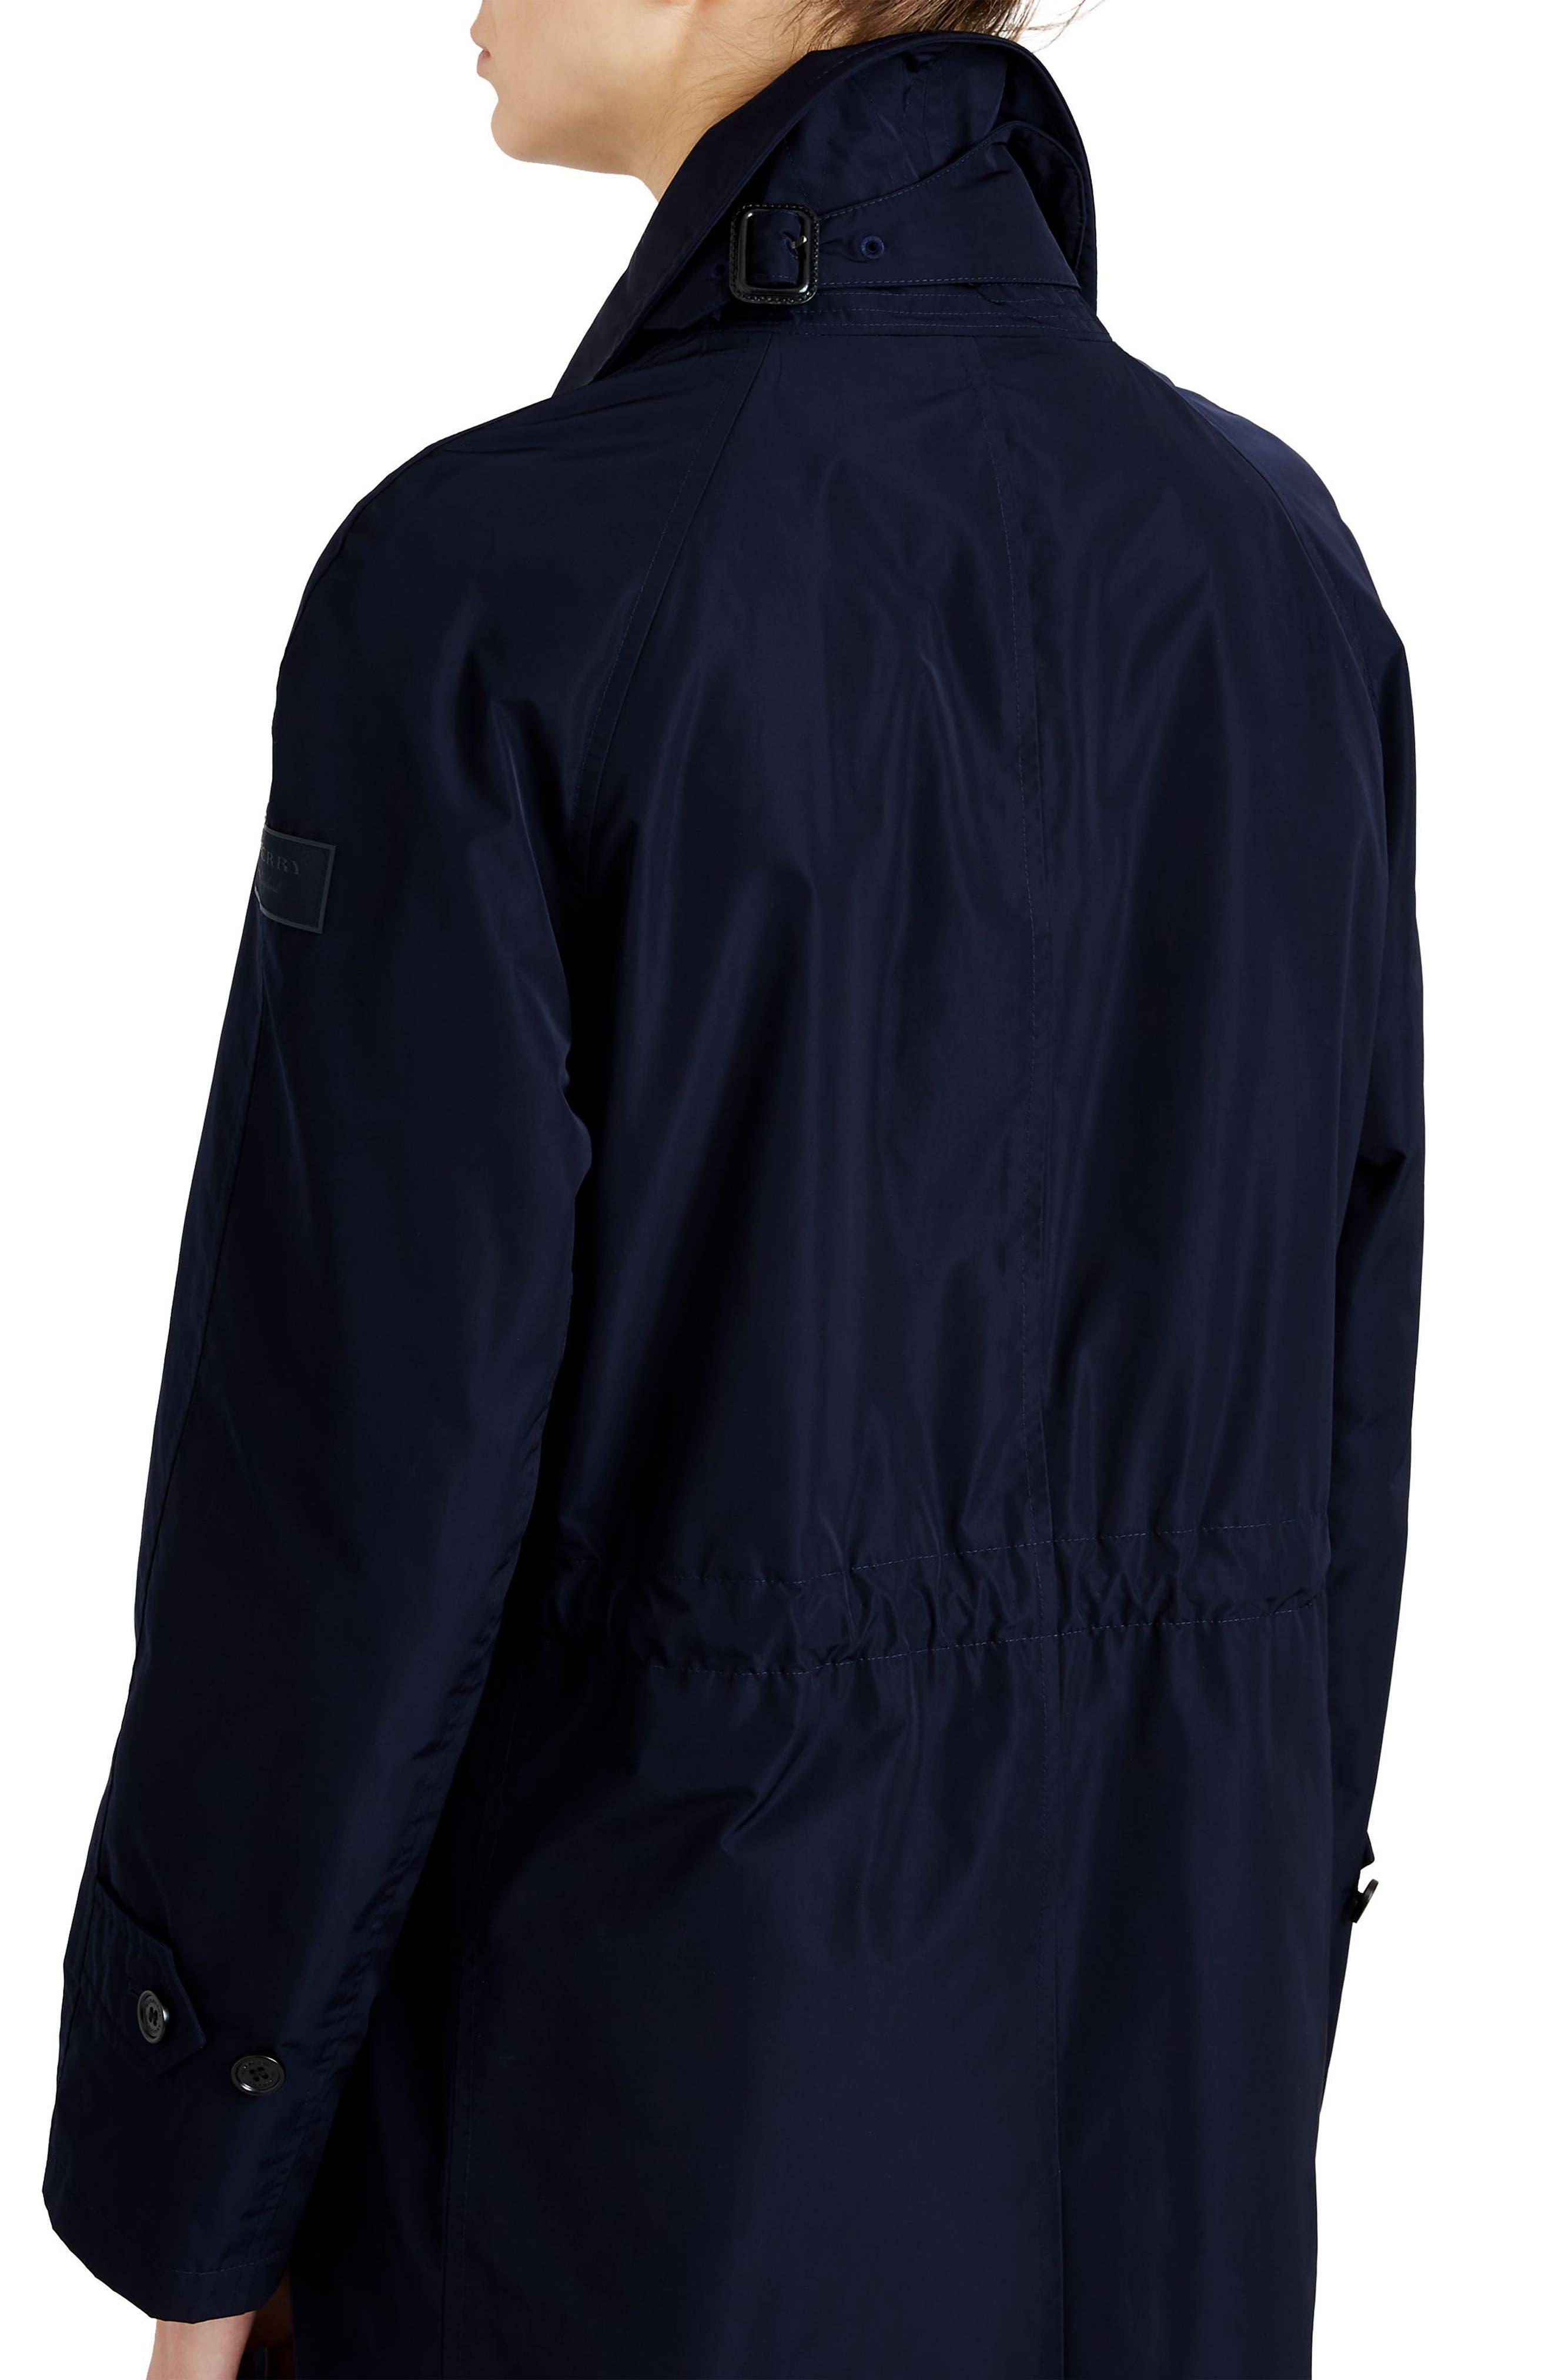 Tringford Waterproof Hooded Coat,                             Alternate thumbnail 4, color,                             NAVY